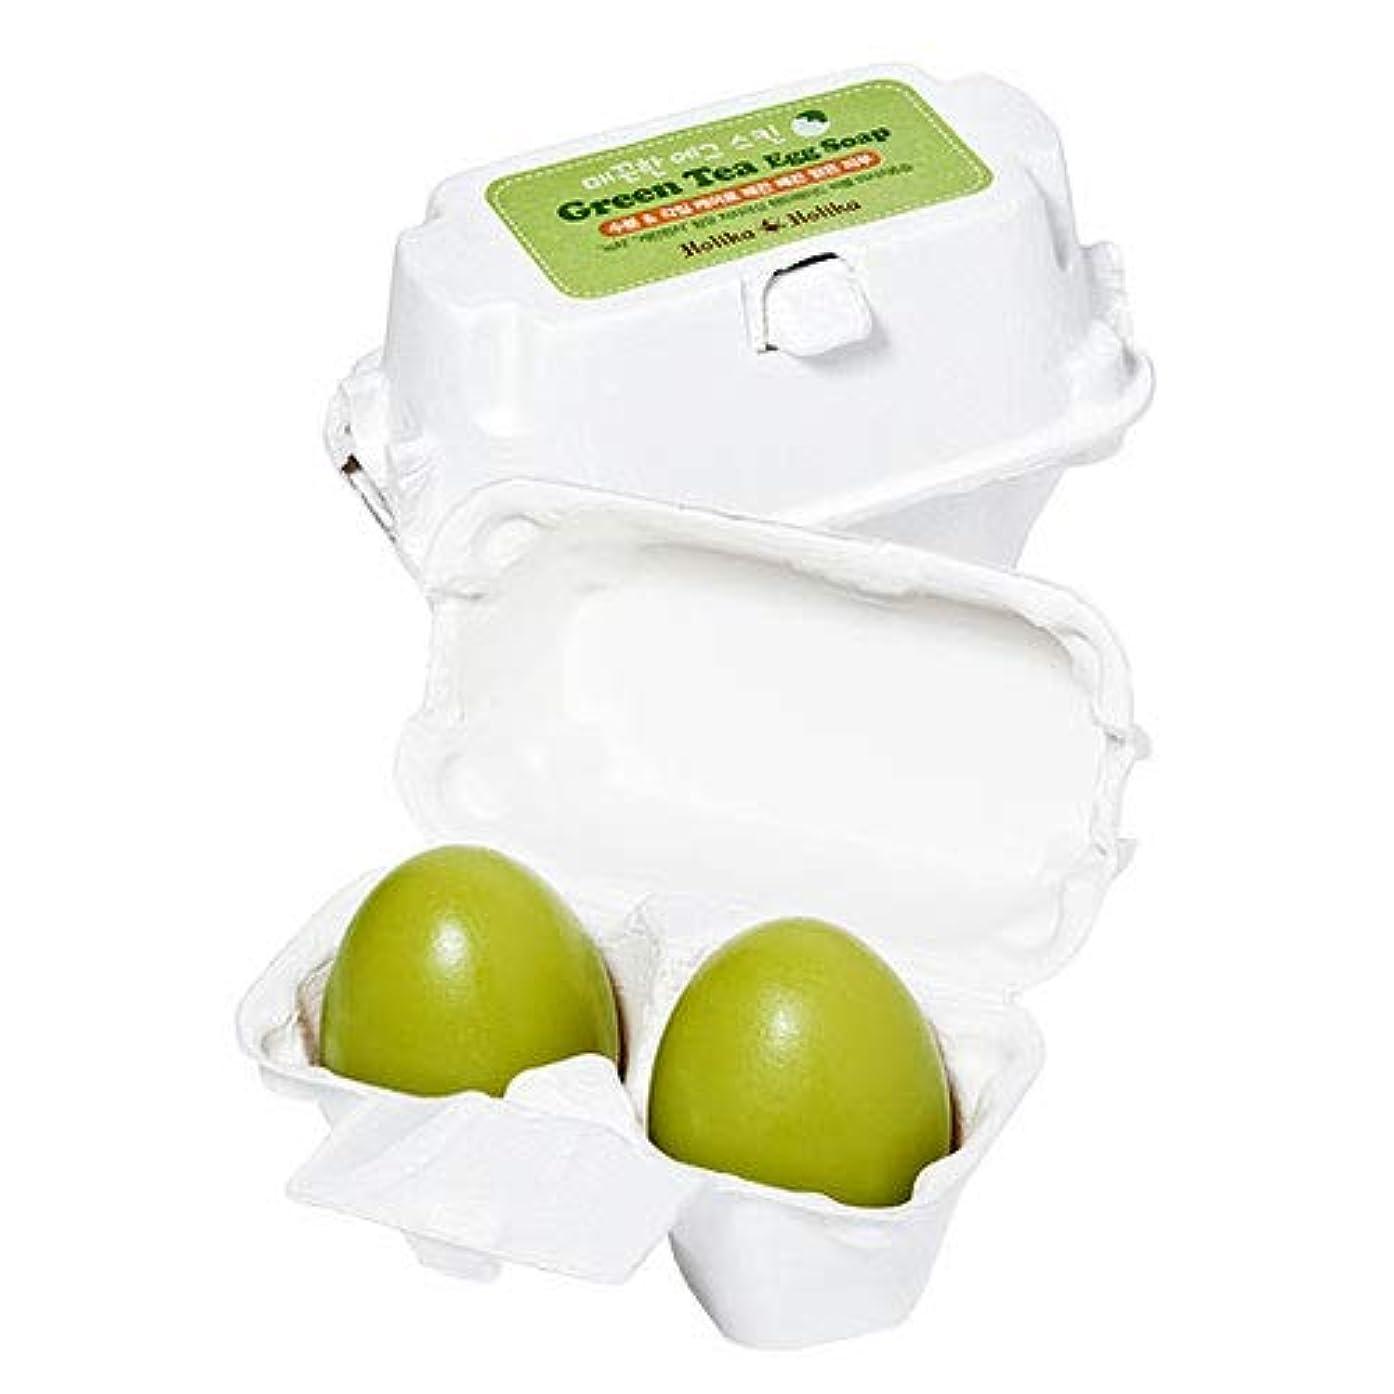 邪悪なサーフィングラス[緑茶/Green Tea] Holika Holika Egg Skin Egg Soap ホリカホリカ エッグスキン エッグソープ (50g*2個) [並行輸入品]